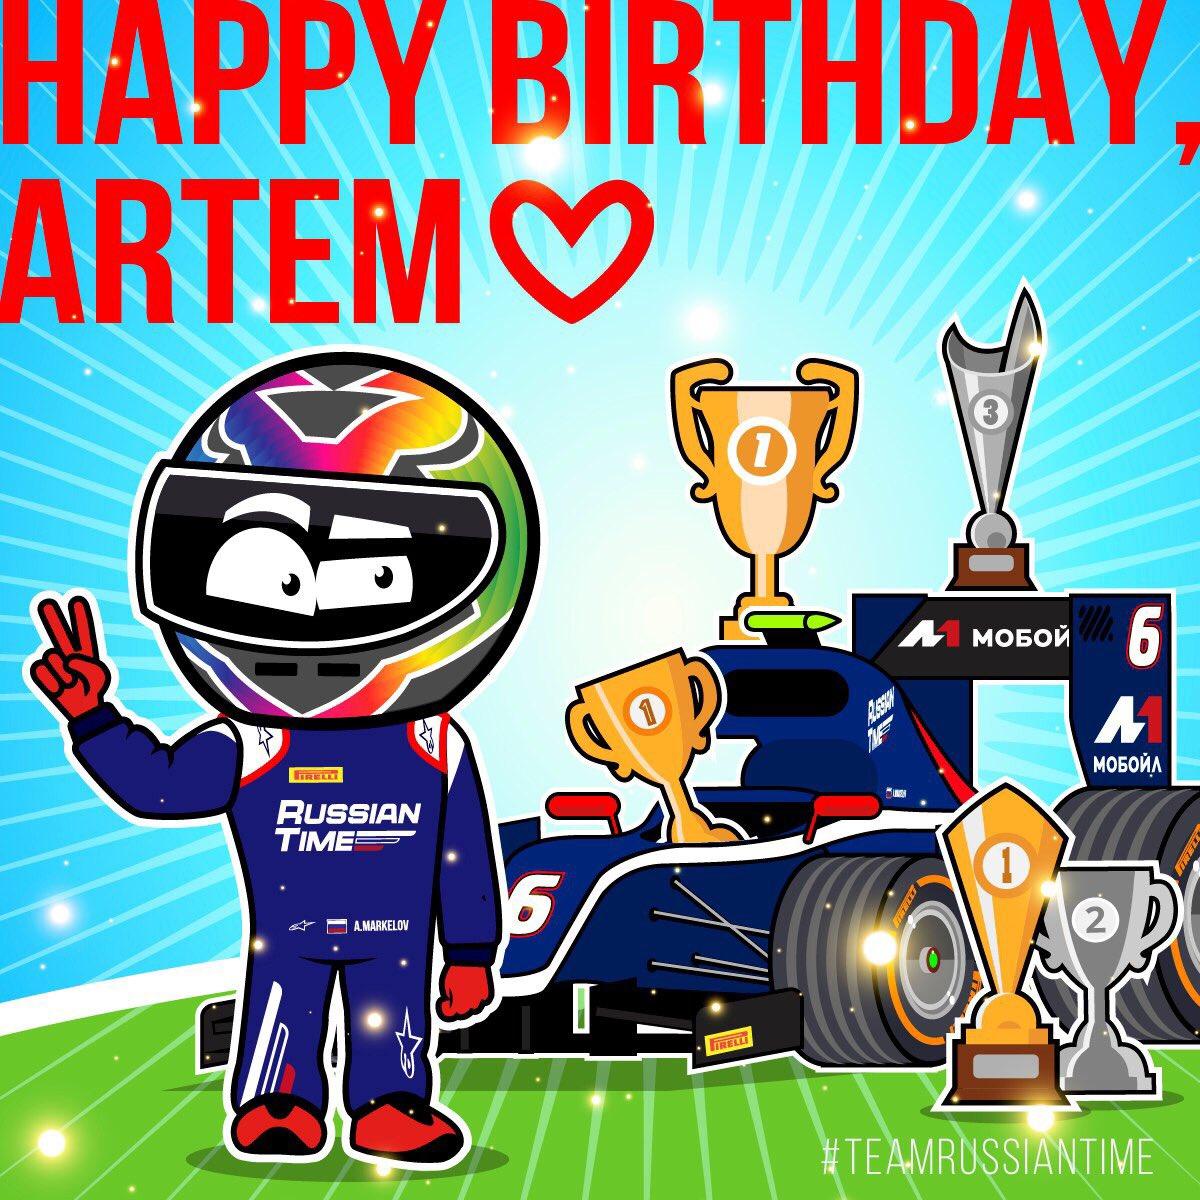 Артем с днем рождения картинки прикольные мальчику, открытка поздравление сумерки